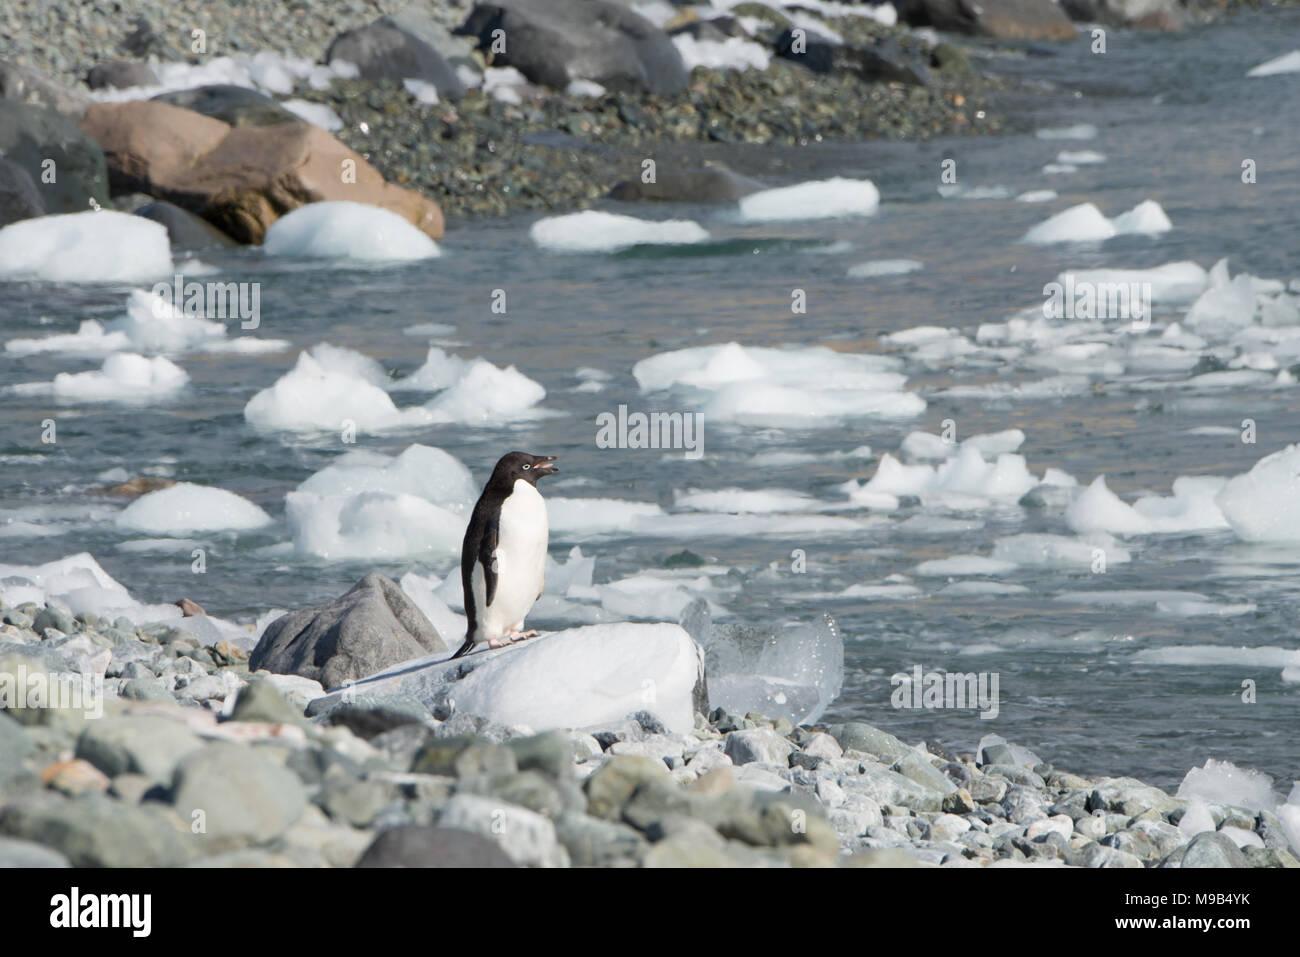 Un manchot Adélie (Pygoscelis adeliae) debout sur un rivage rocailleux en Antarctique Photo Stock